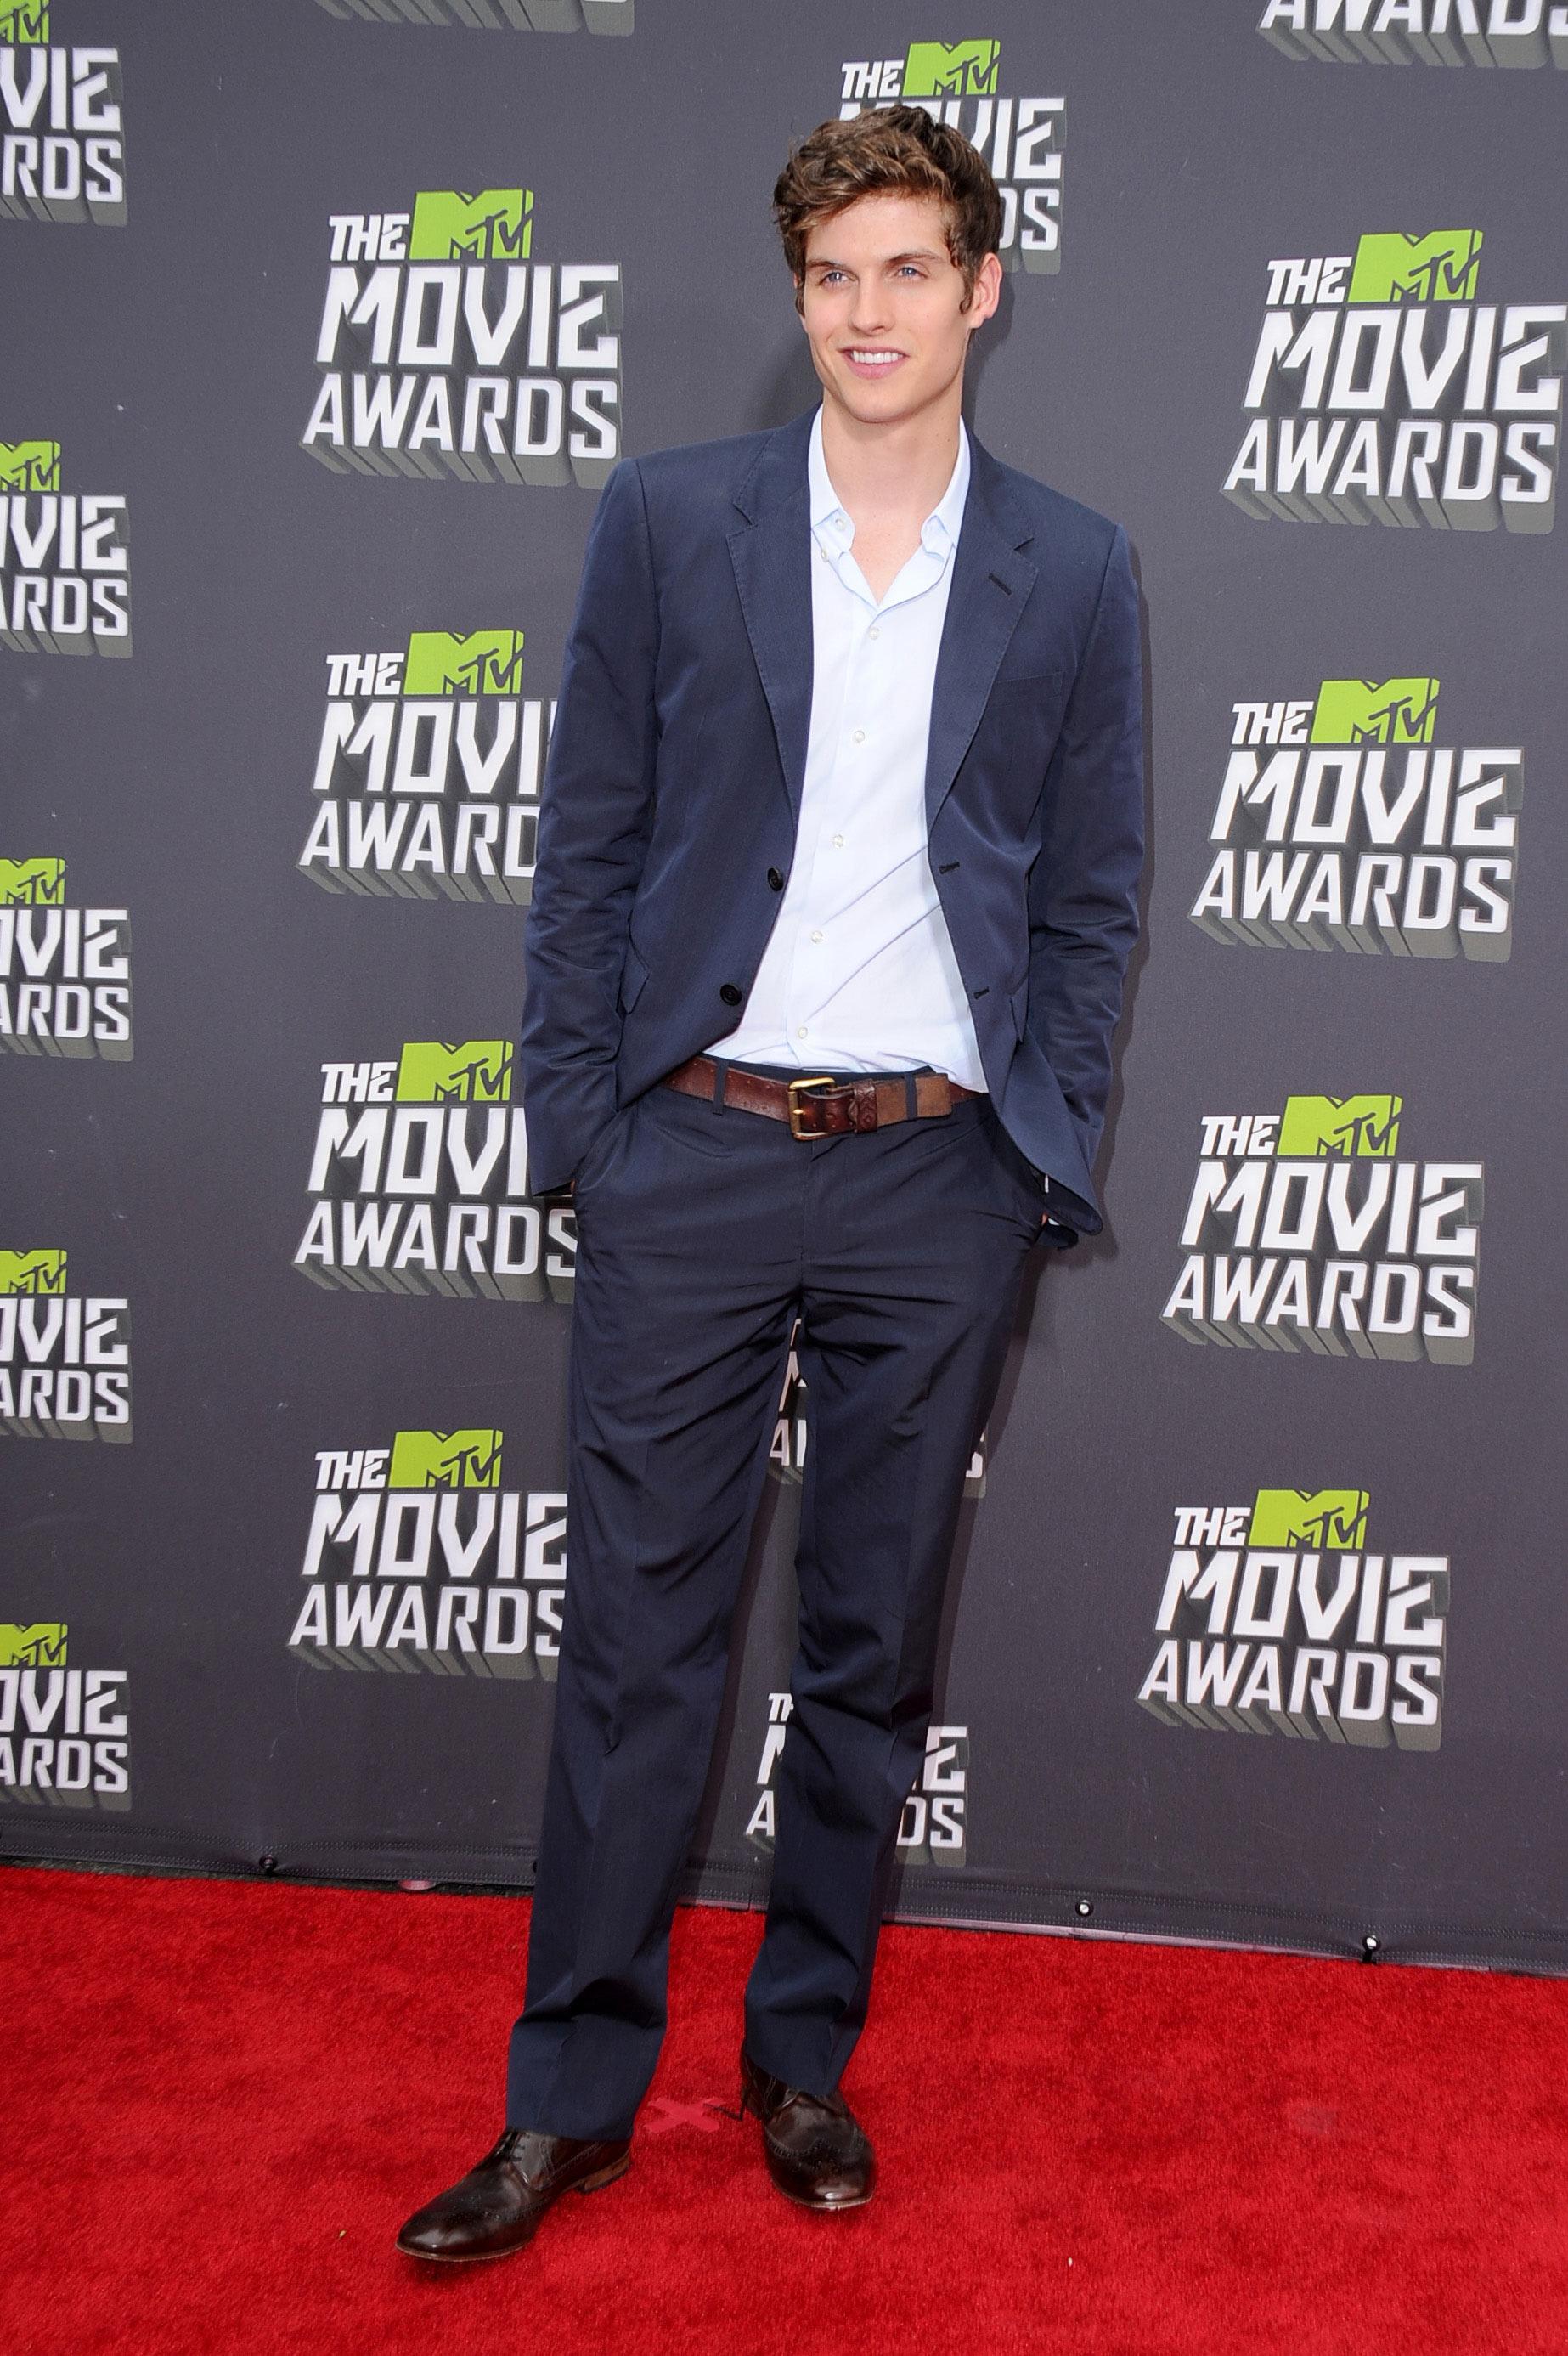 2013 एमटीवी Movie Awards - Arrivals